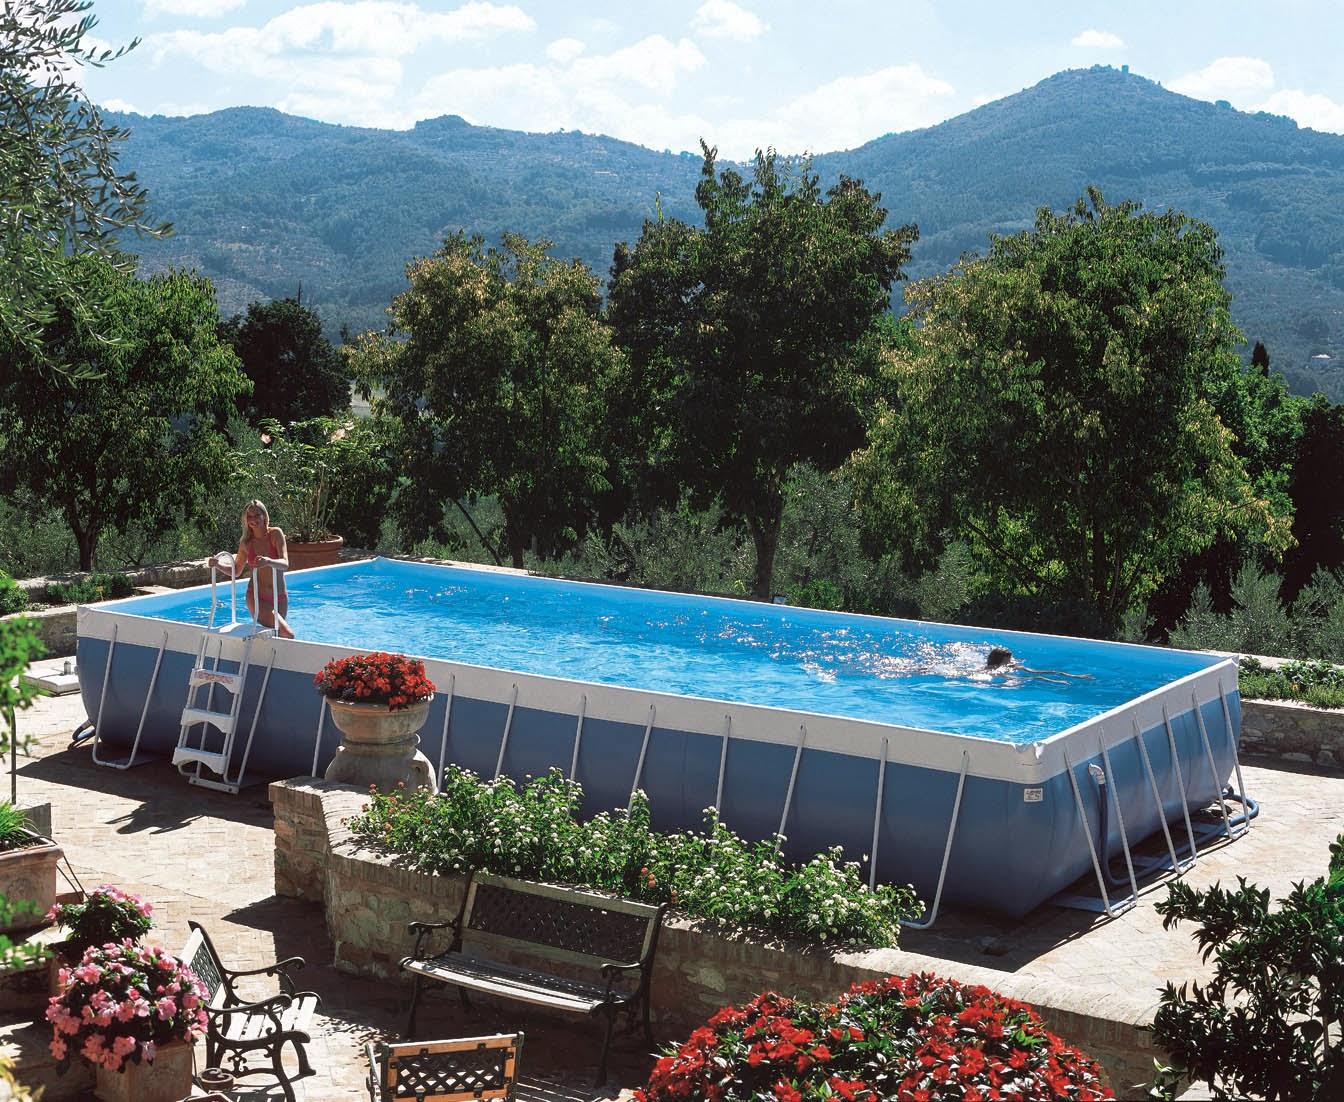 Dicono di lei piscine laghetto classic piscine for Piscine miglior prezzo